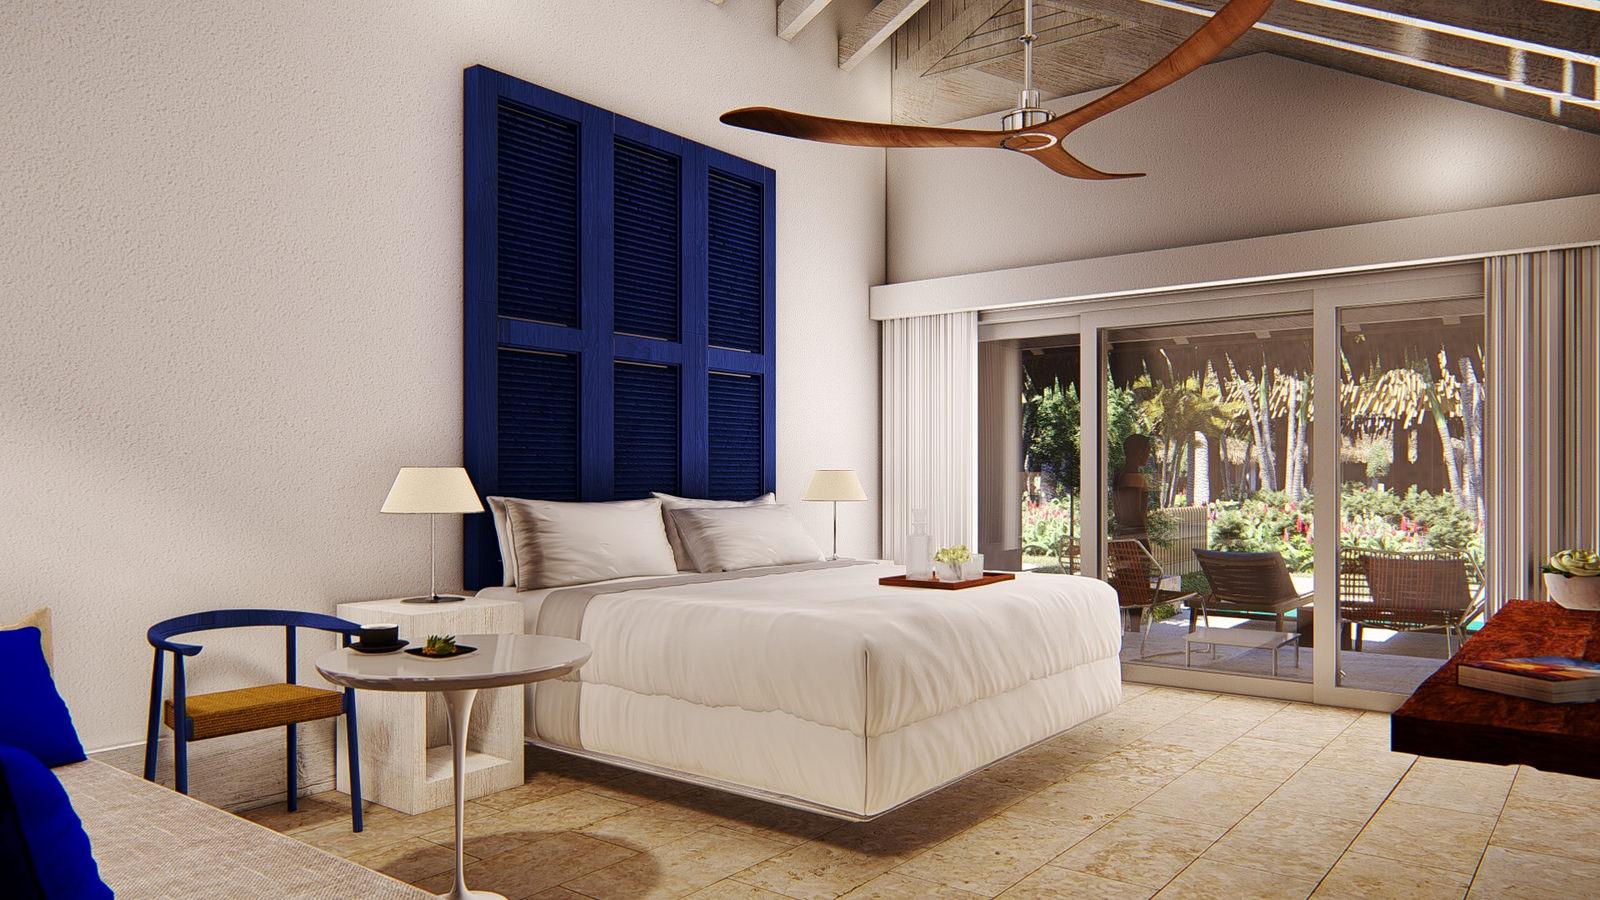 Nuevos bungalows todo incluido en el Viva Wyndham Resorts de Samaná